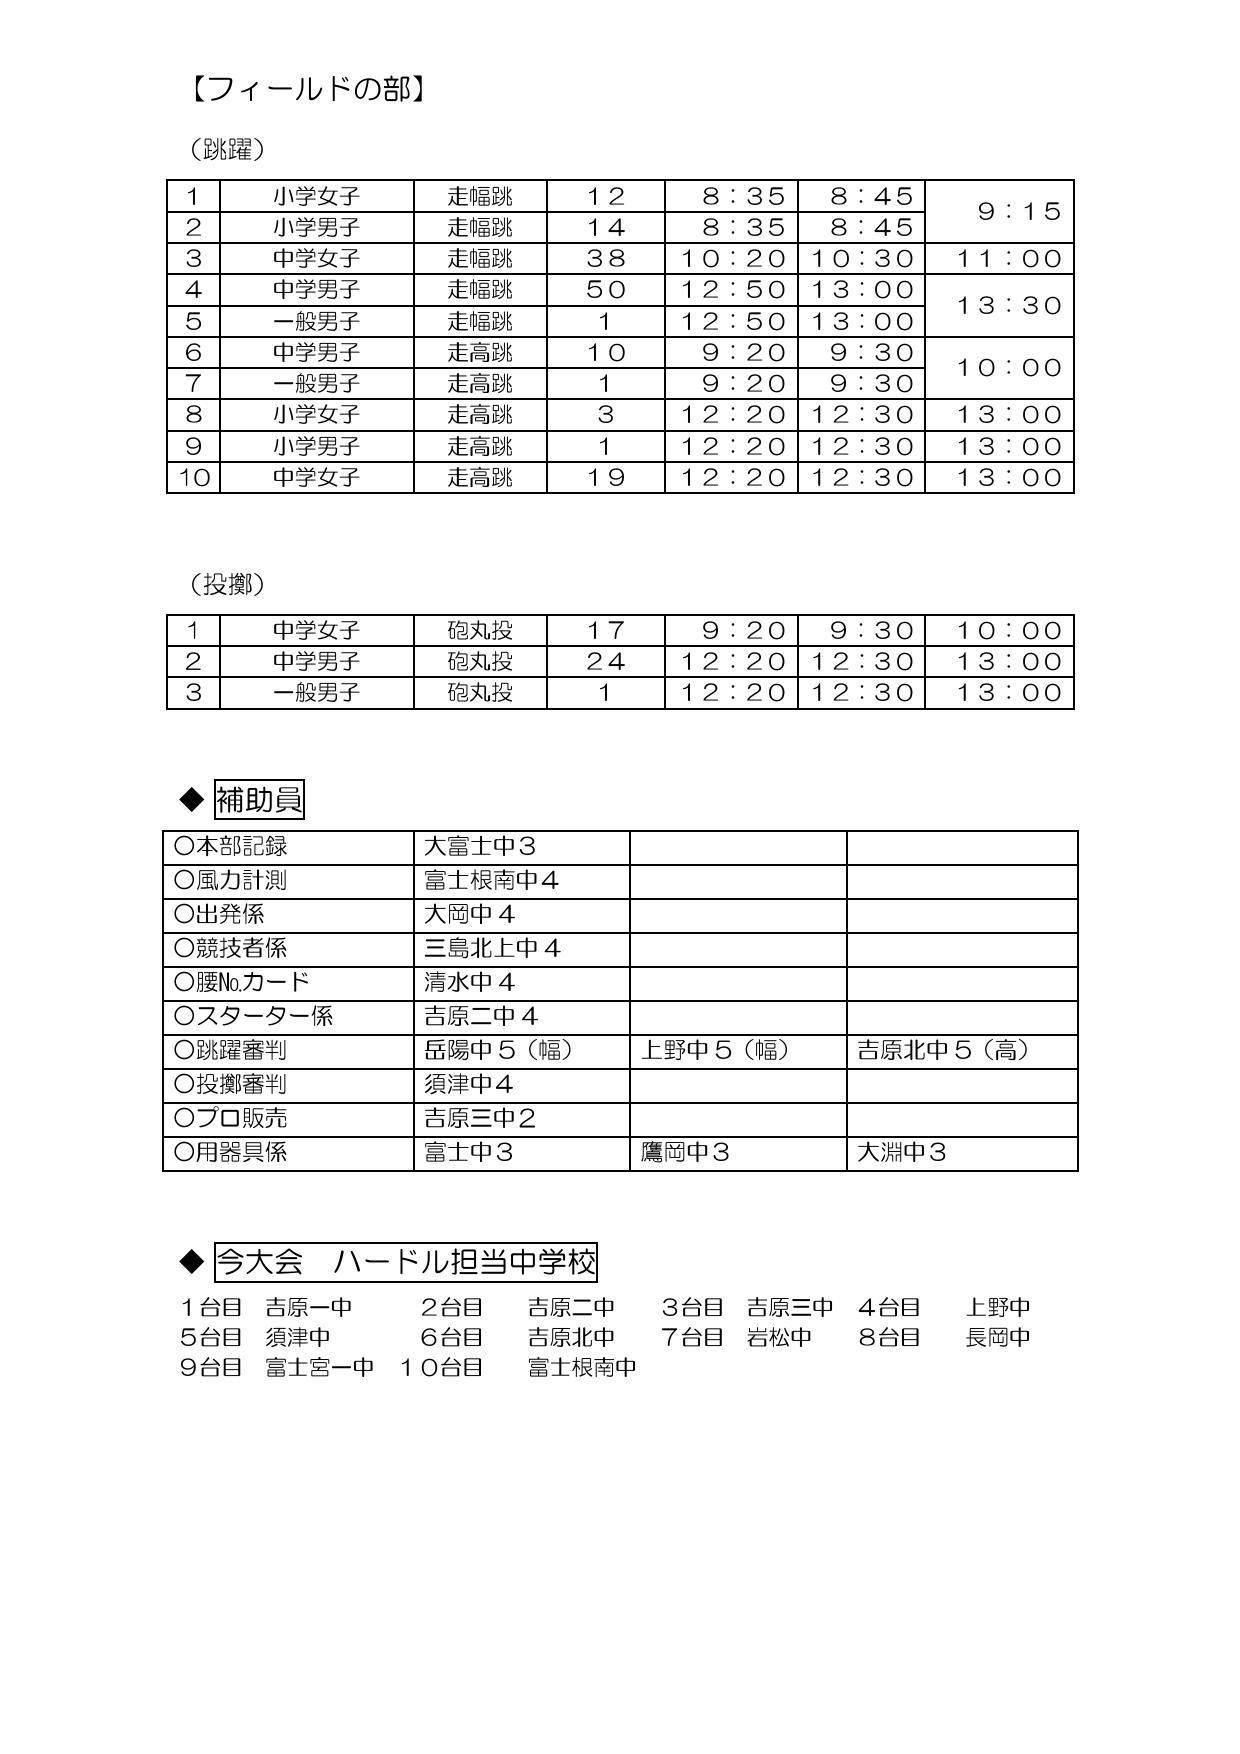 fujisyunnki TT220150530